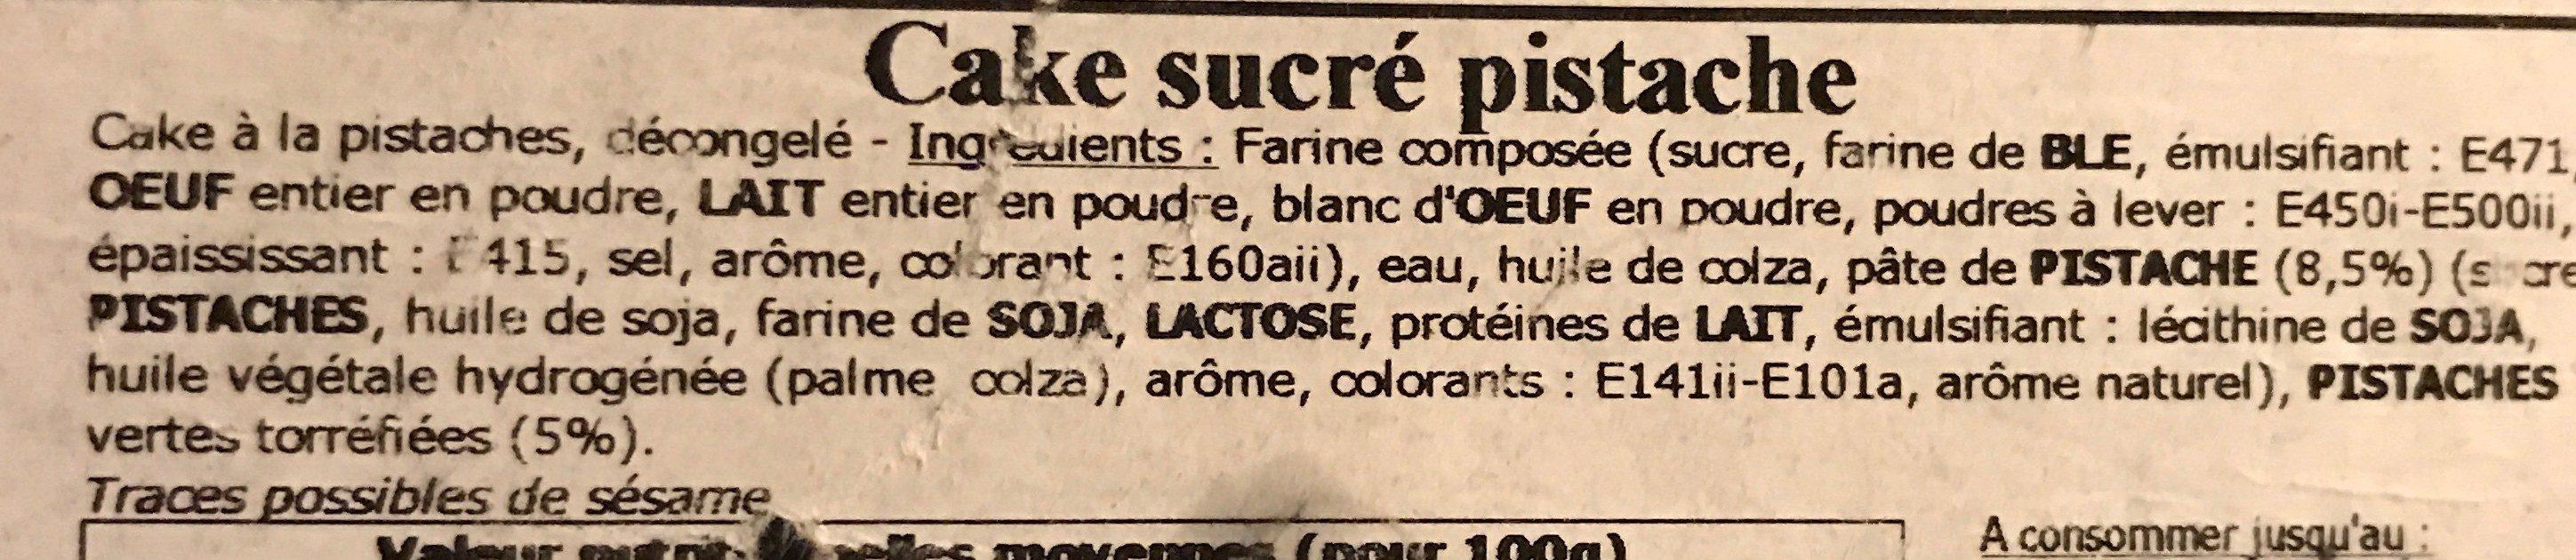 Cake pistache - Ingrédients - fr